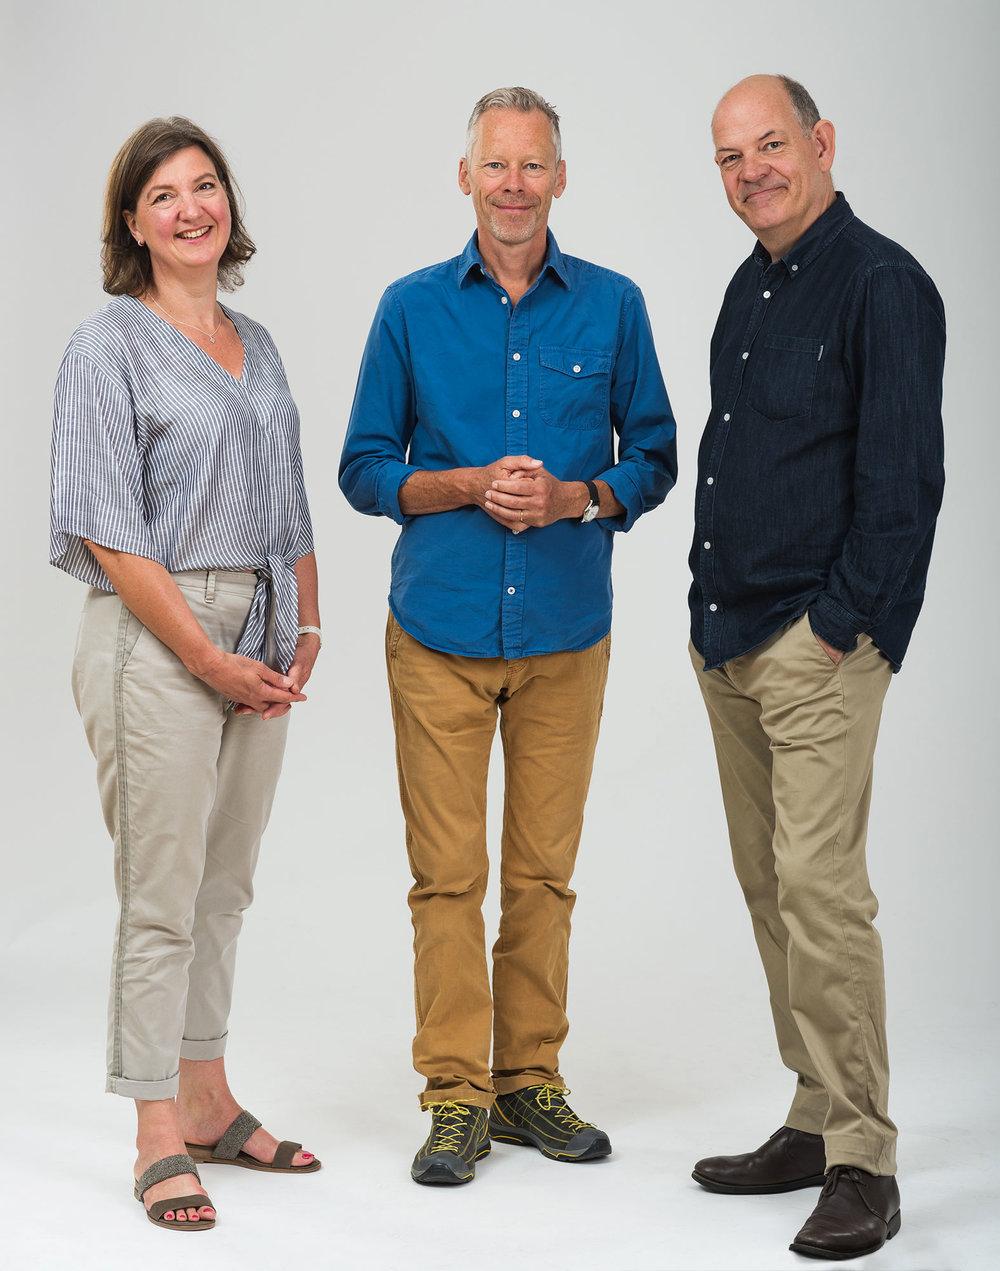 Directors Ruth Ingledow, Richard Hahlo & Geoff Church